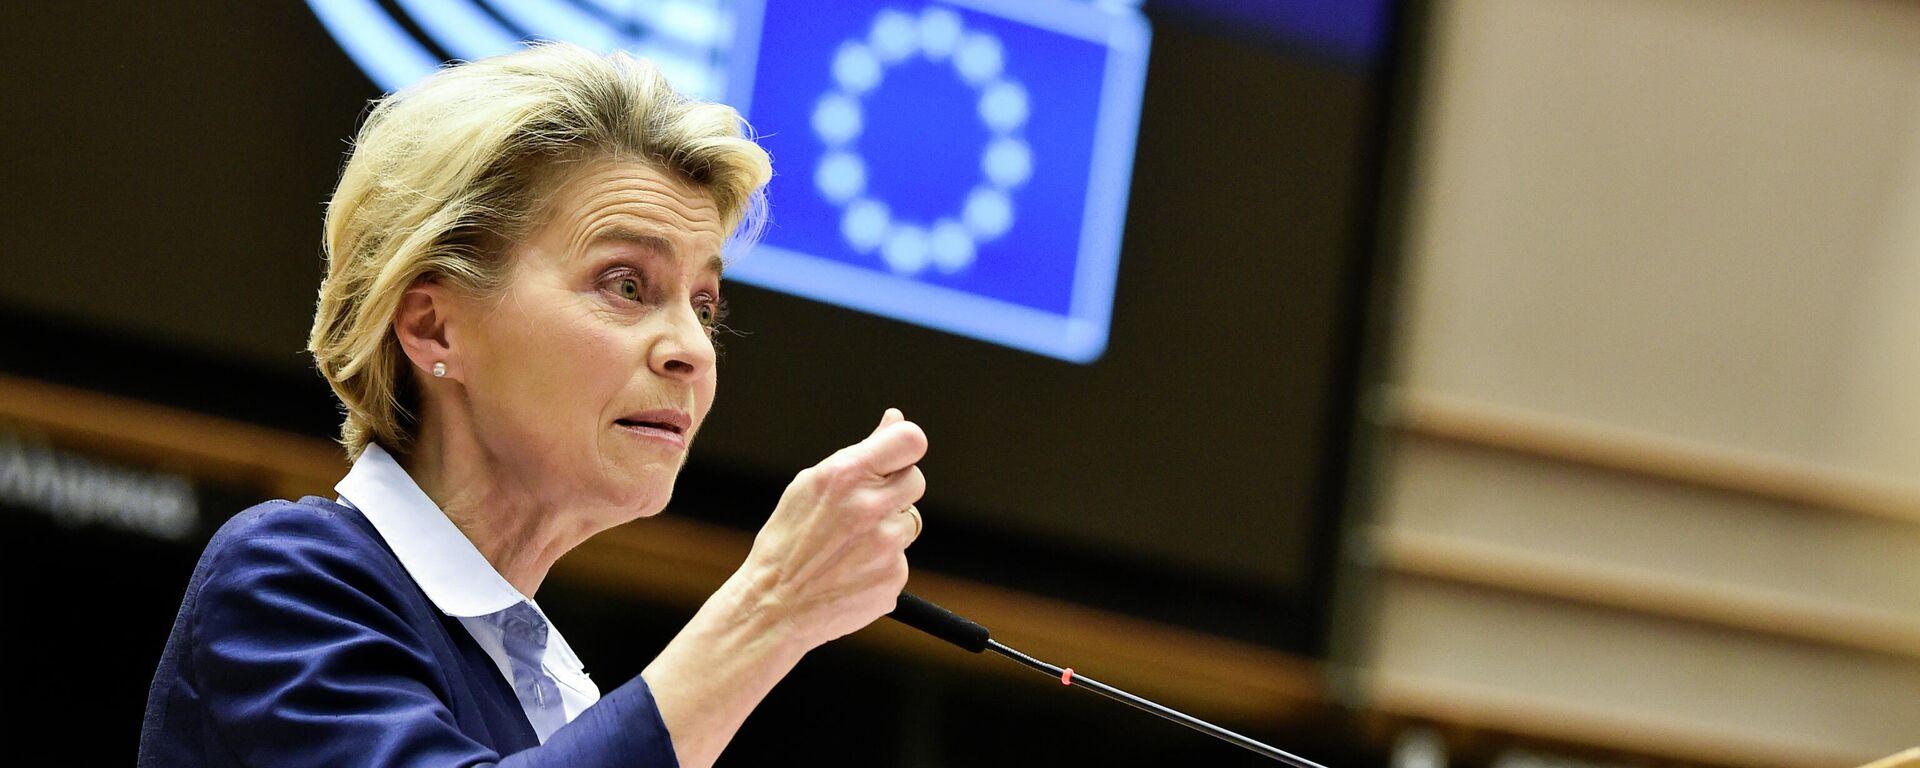 Kommissionspräsidentin Ursula von der Leyen hält am 16. Dezember 2020 im Europäischen Parlament in Brüssel eine Rede - Symbolfoto - SNA, 1920, 07.01.2021